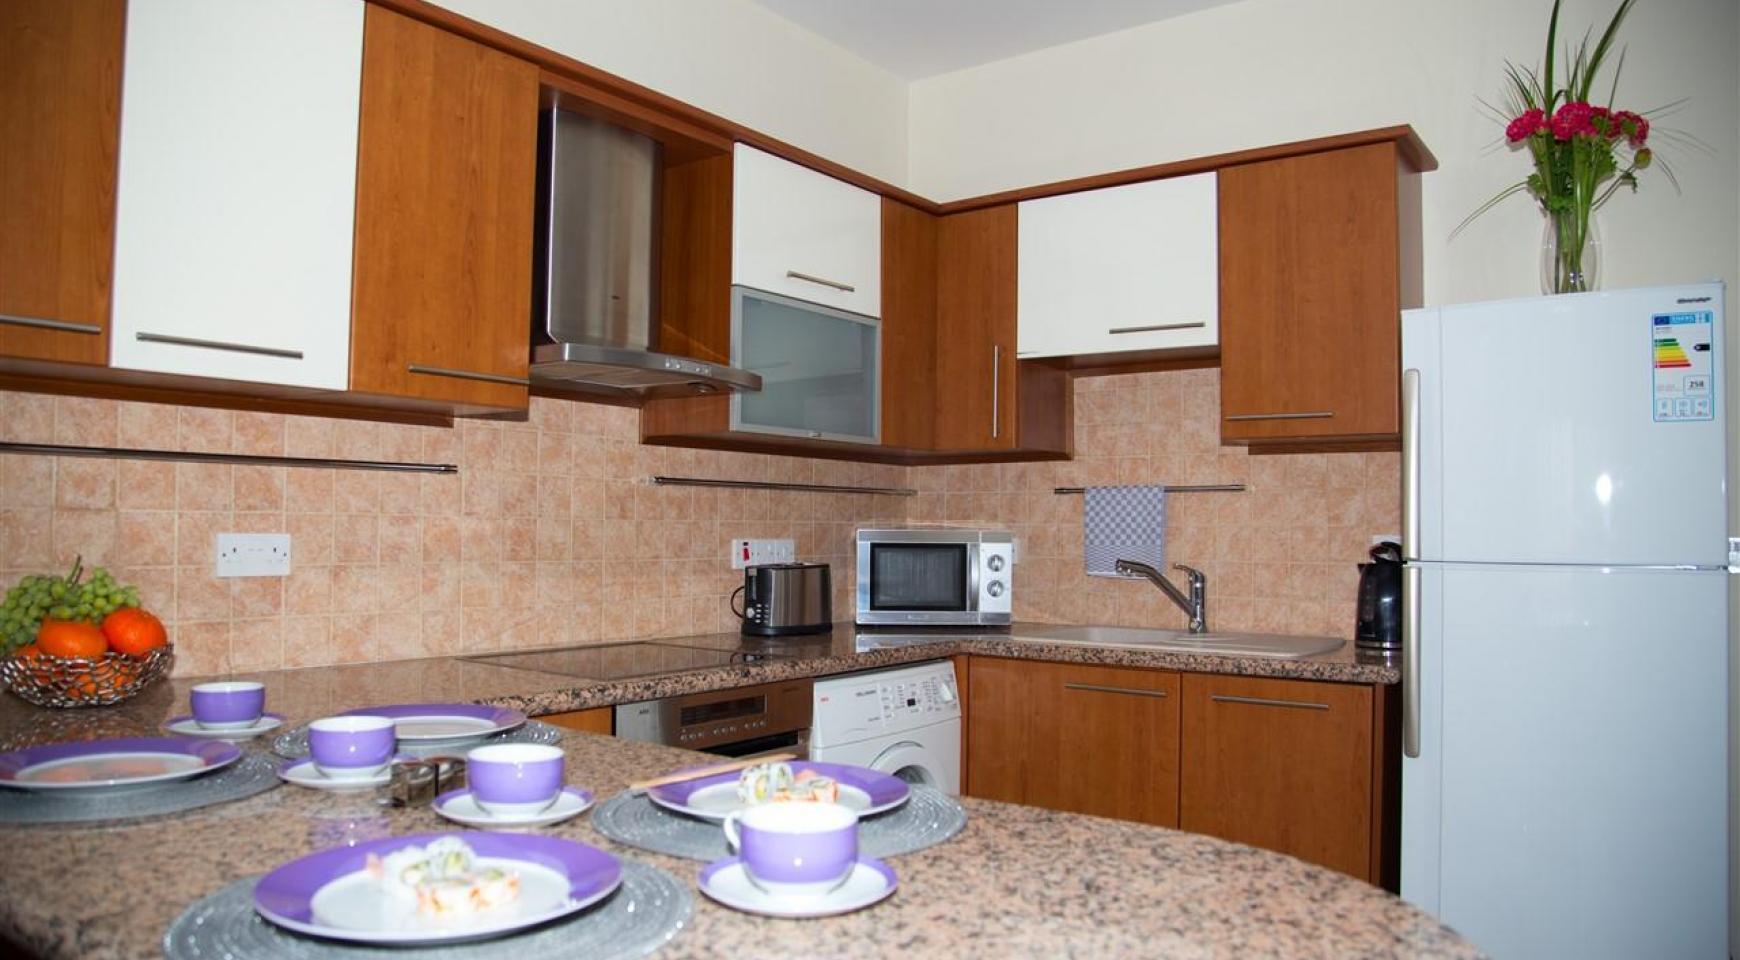 2-Спальная Квартира Mesogios Iris 304 в Комплексе у Моря - 13